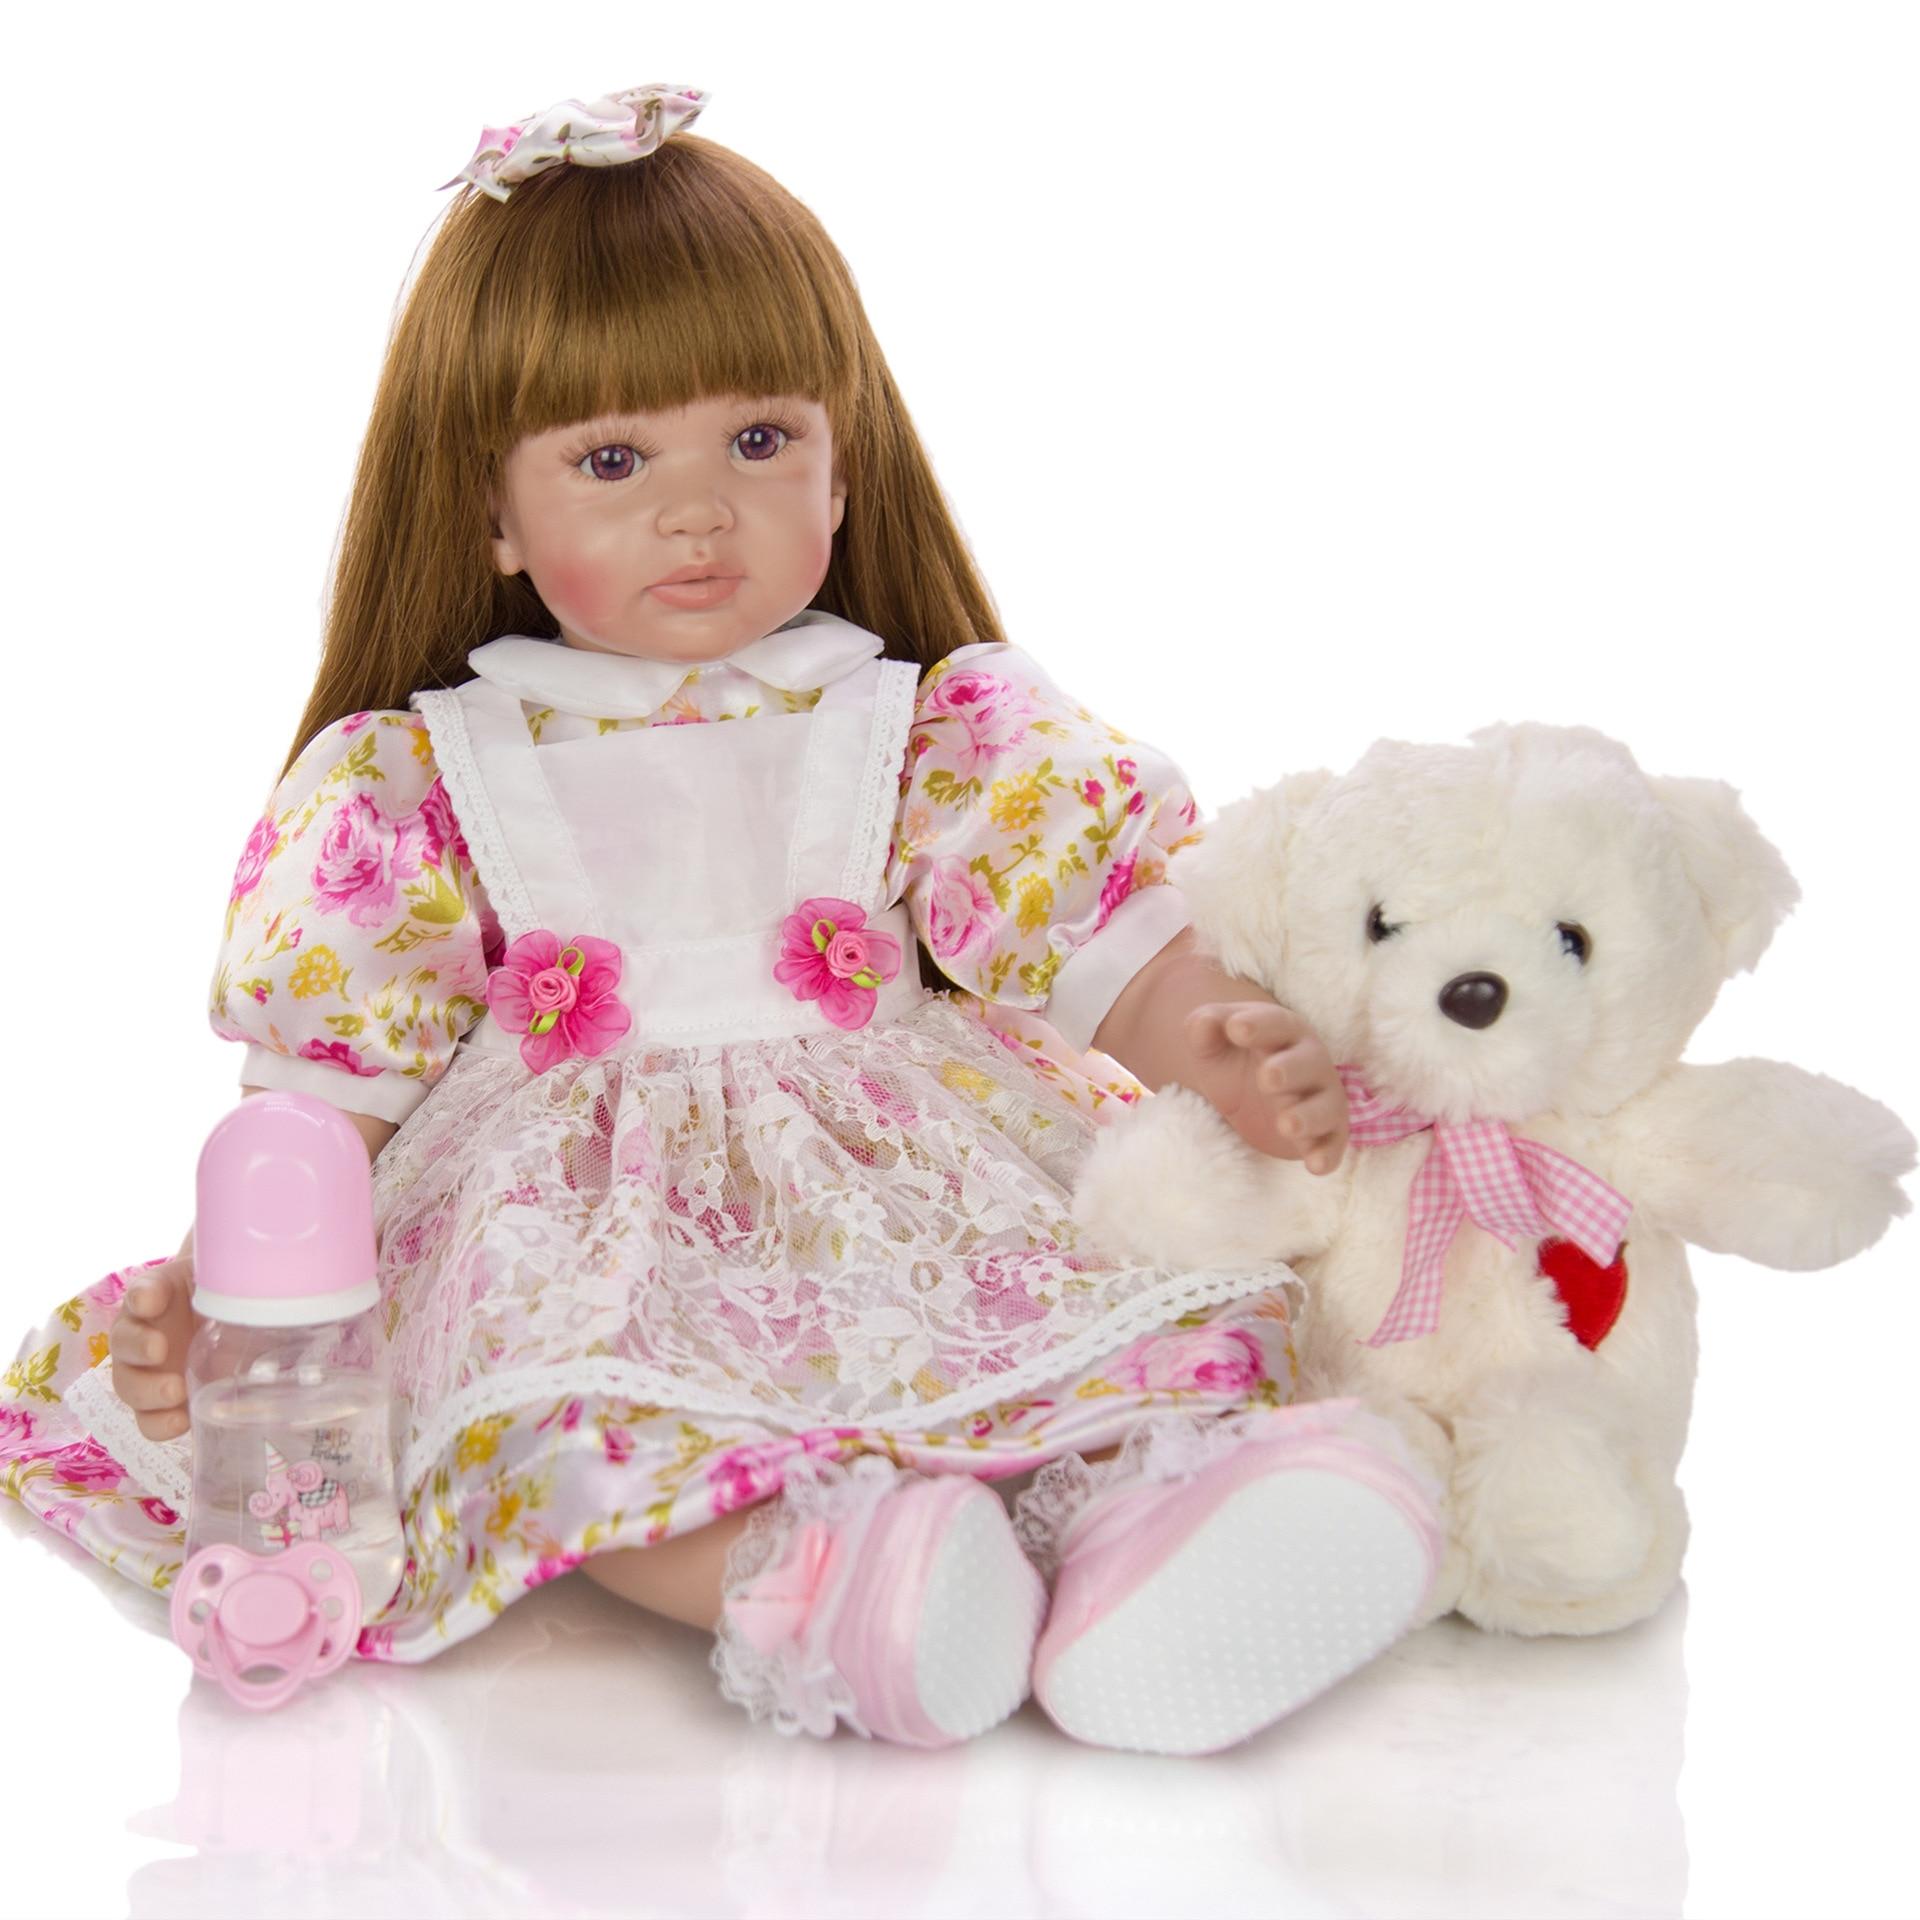 24/'/' Lifelike Reborn Baby Girl Doll Realistic Toddler Dolls Kids Gift Soft Vinyl